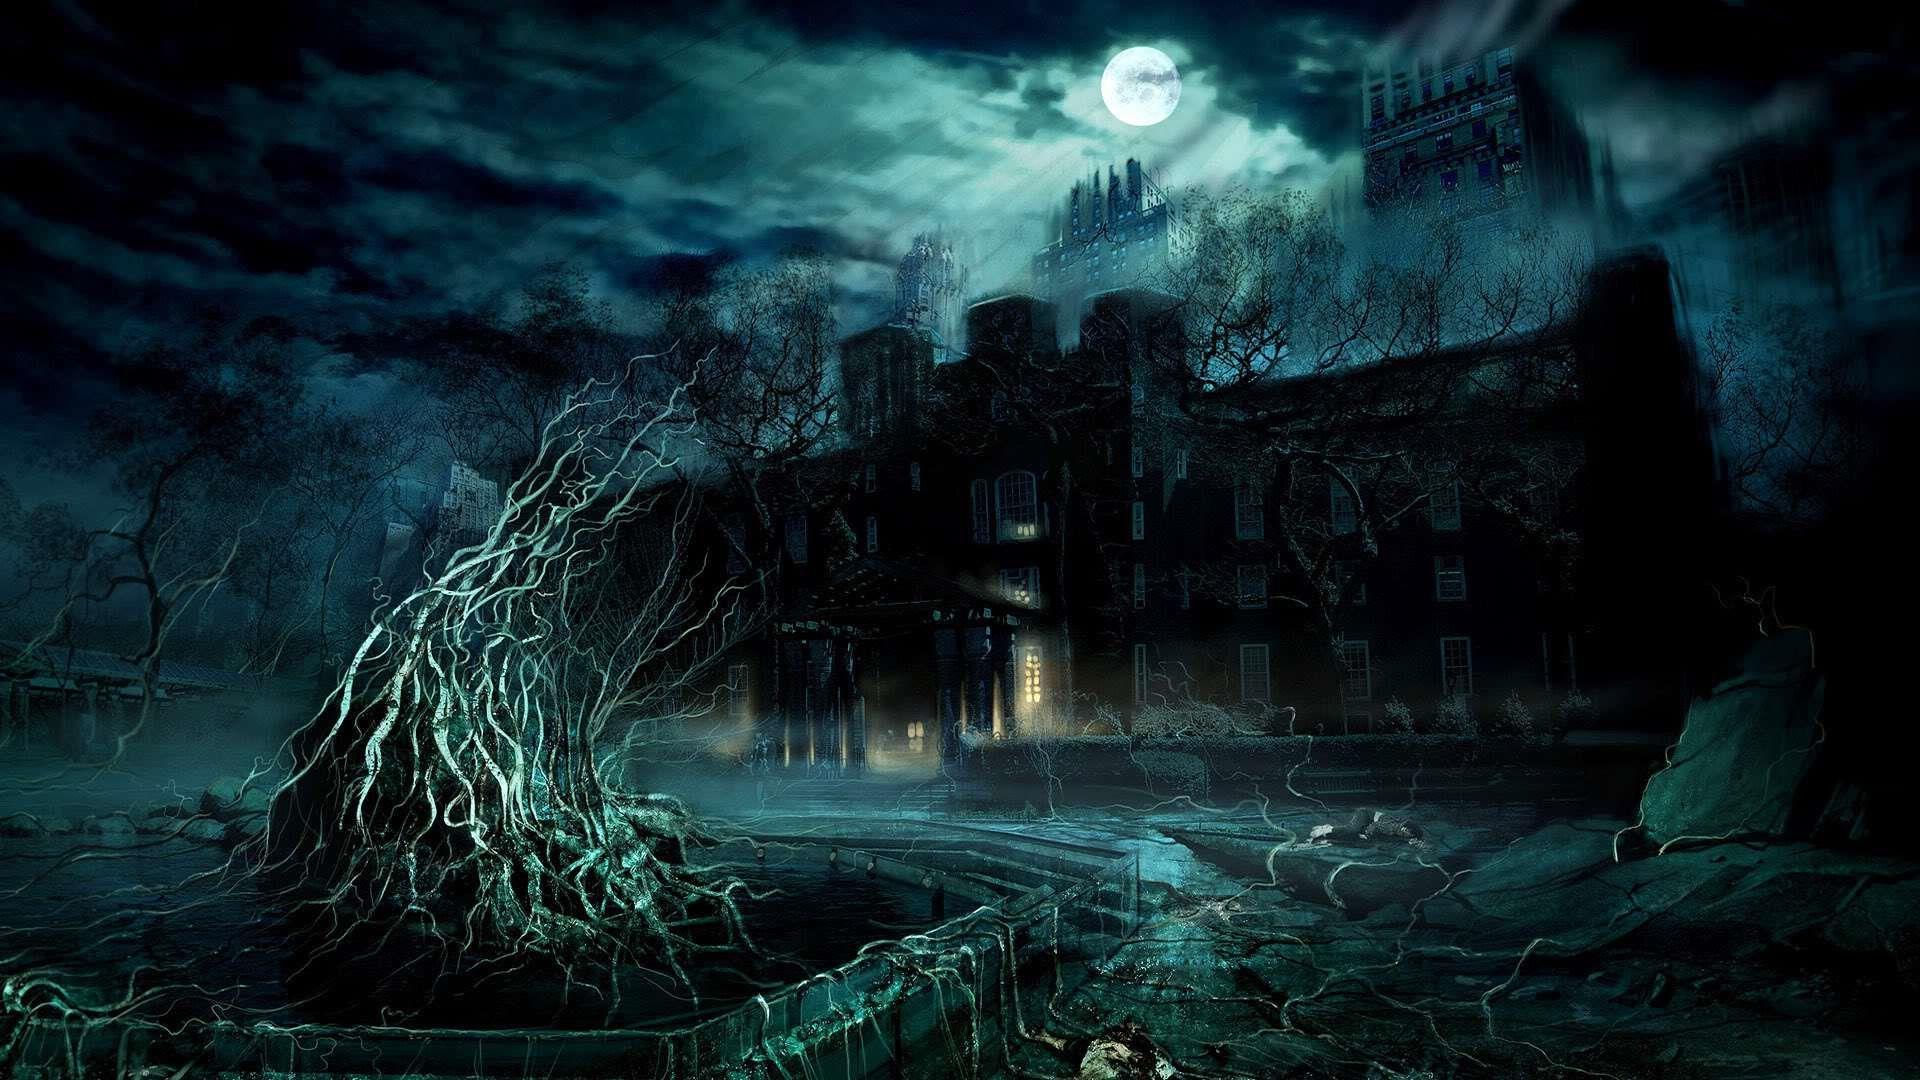 Moonlit Fantasy Mansion 3d Wallpaper Moonlight Moon Gothic